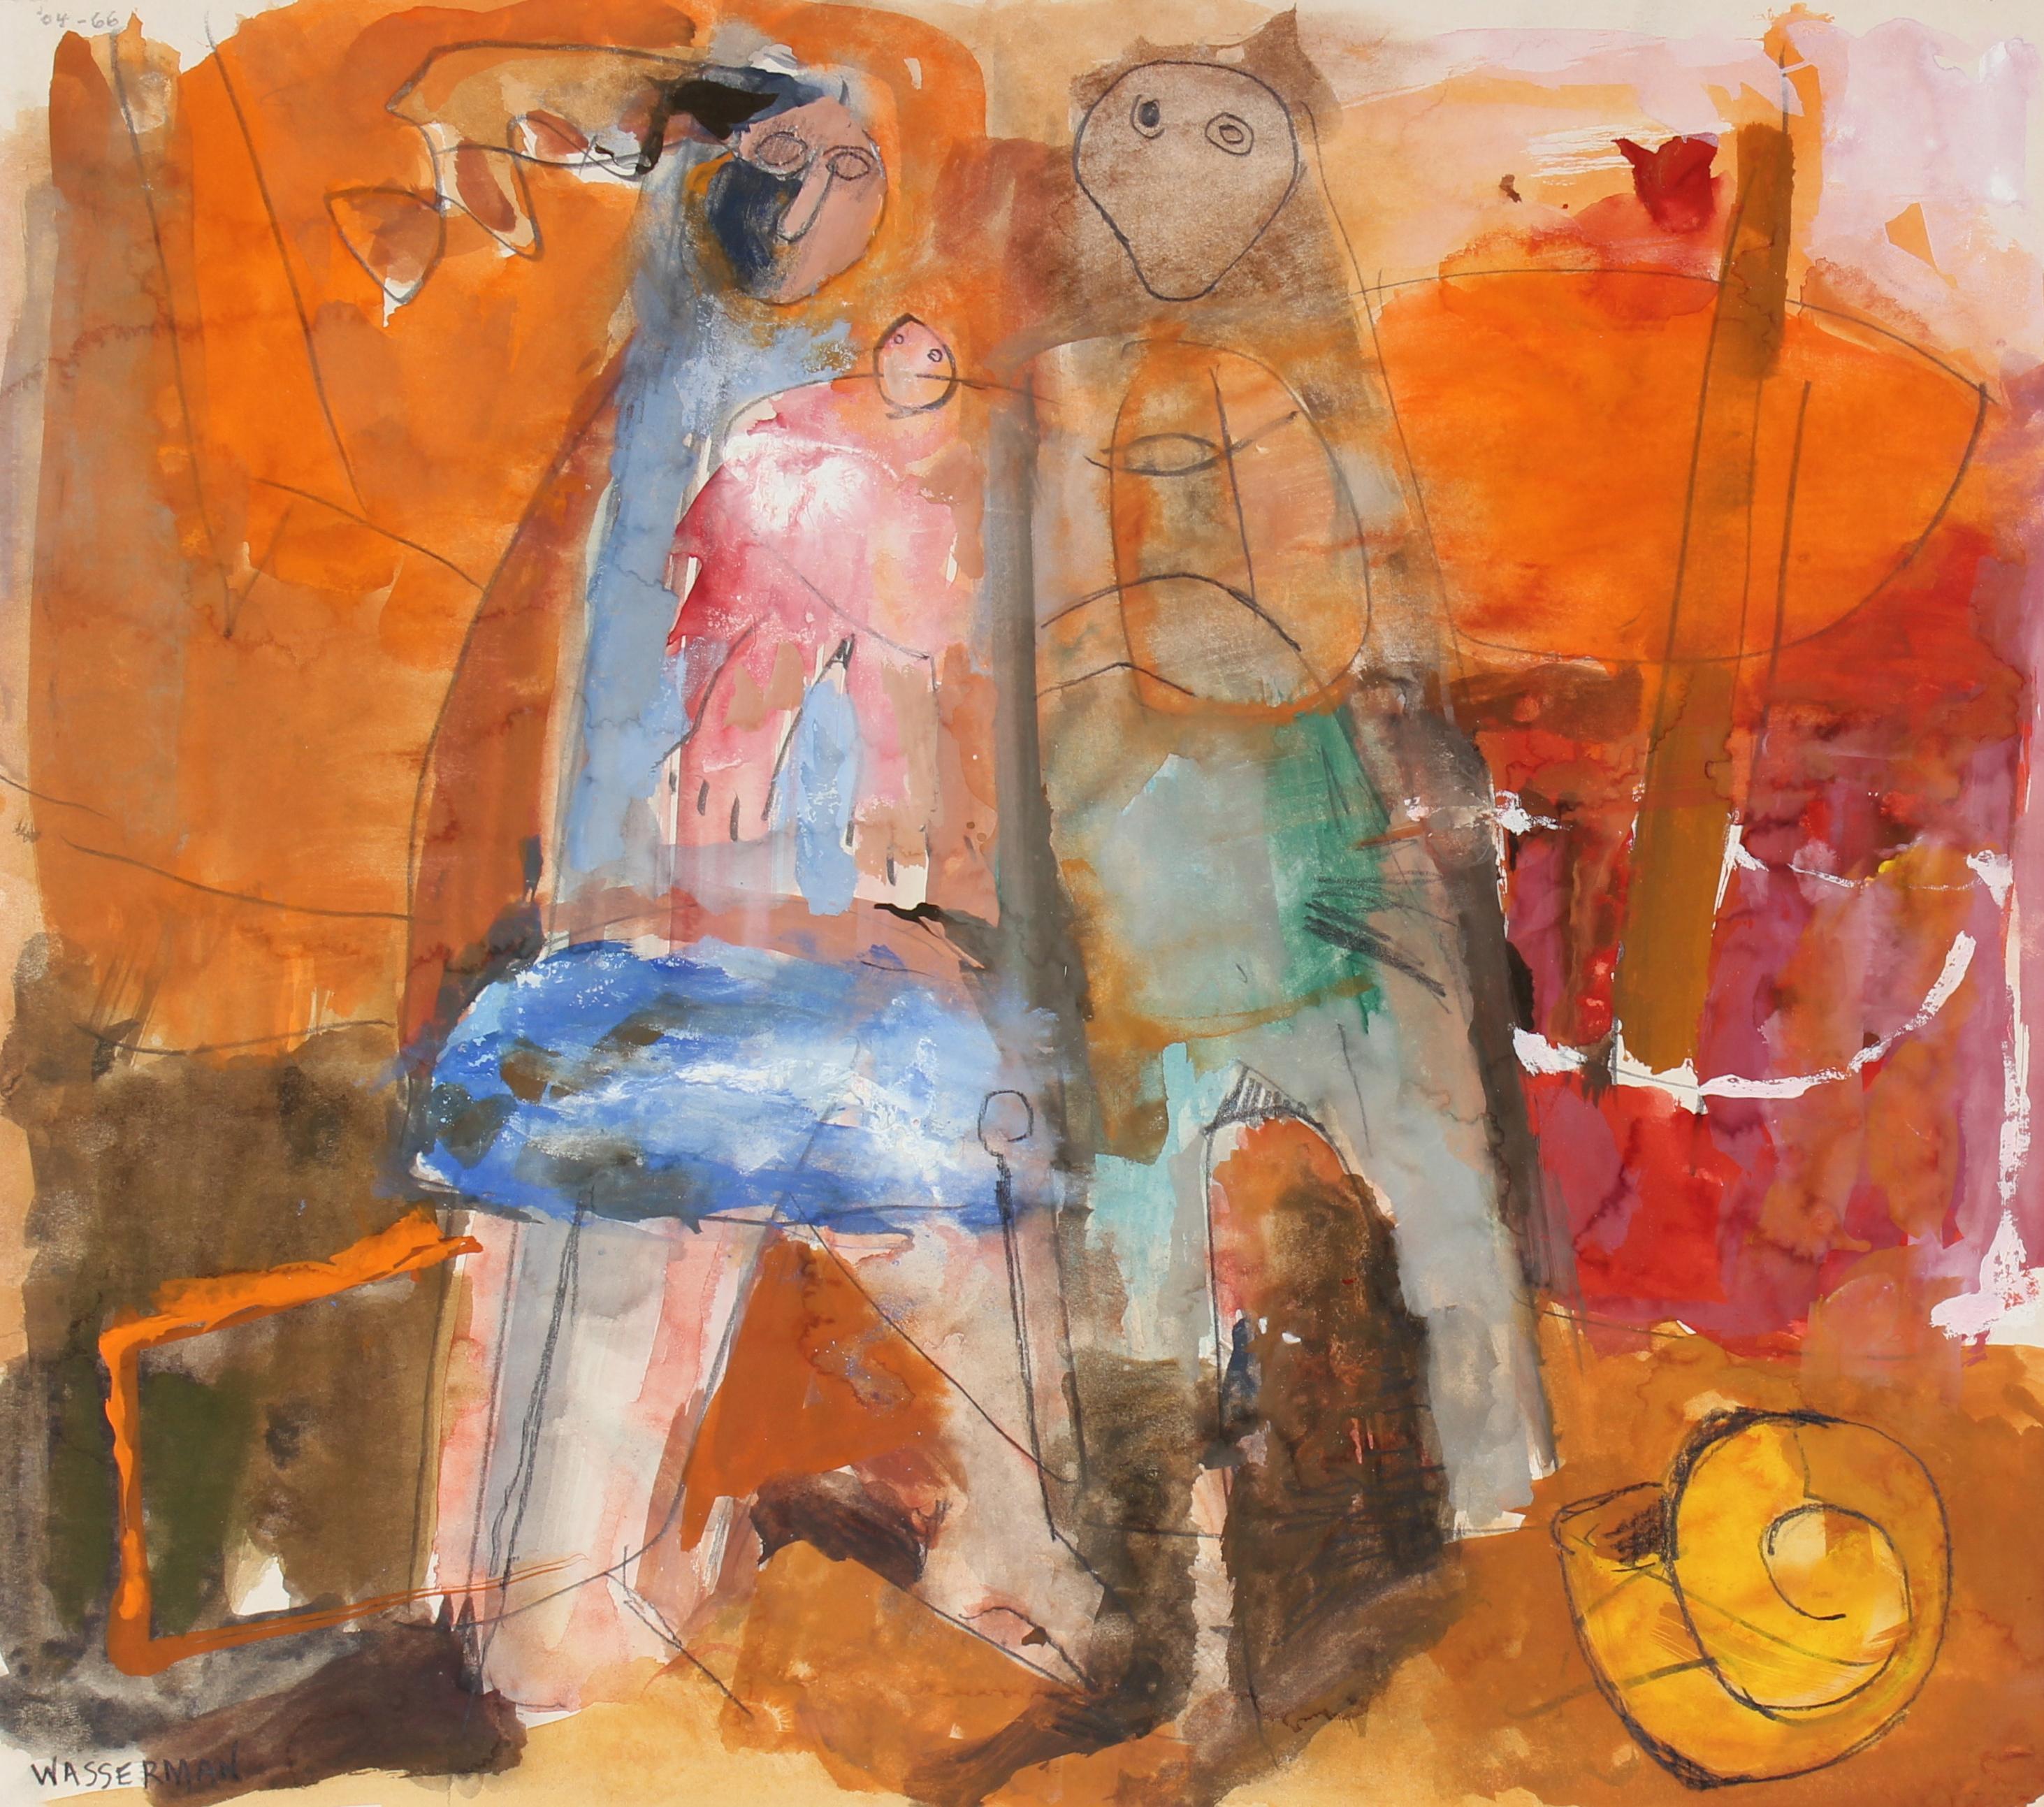 Warm Abstract Figurative Scene, 20th Century, Gouache and Graphite